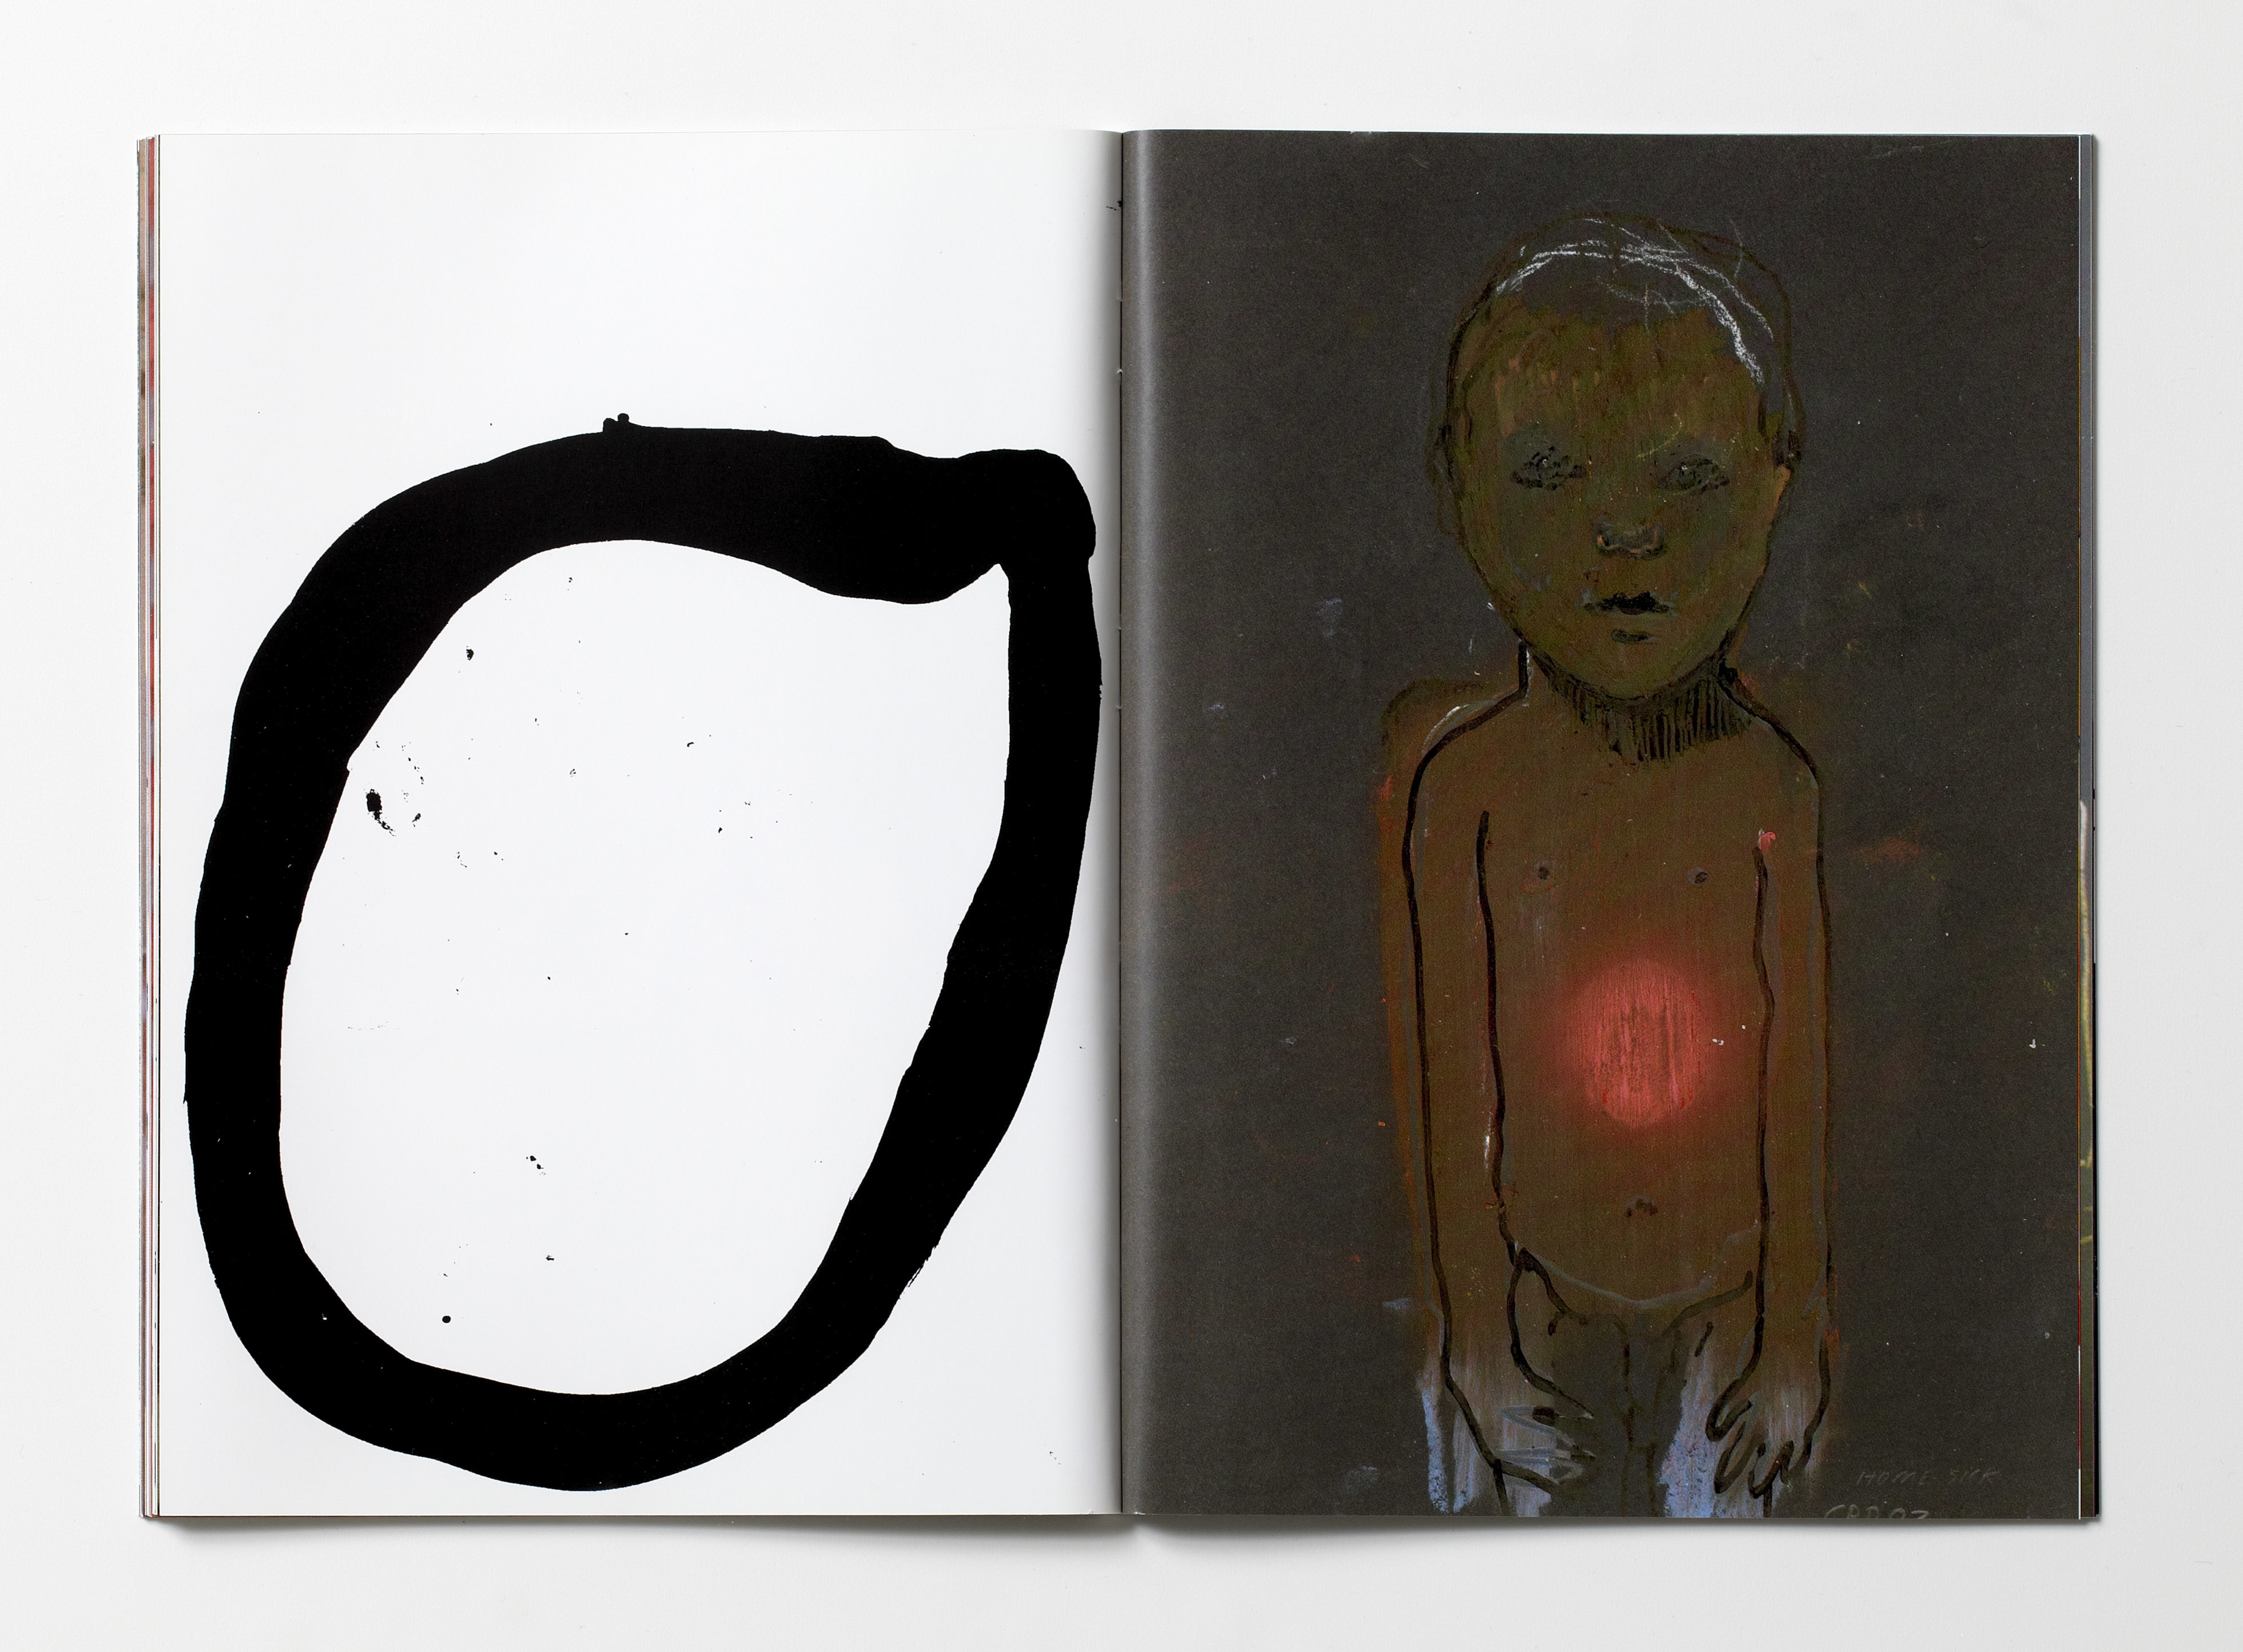 Pen Pencil Poison - Book